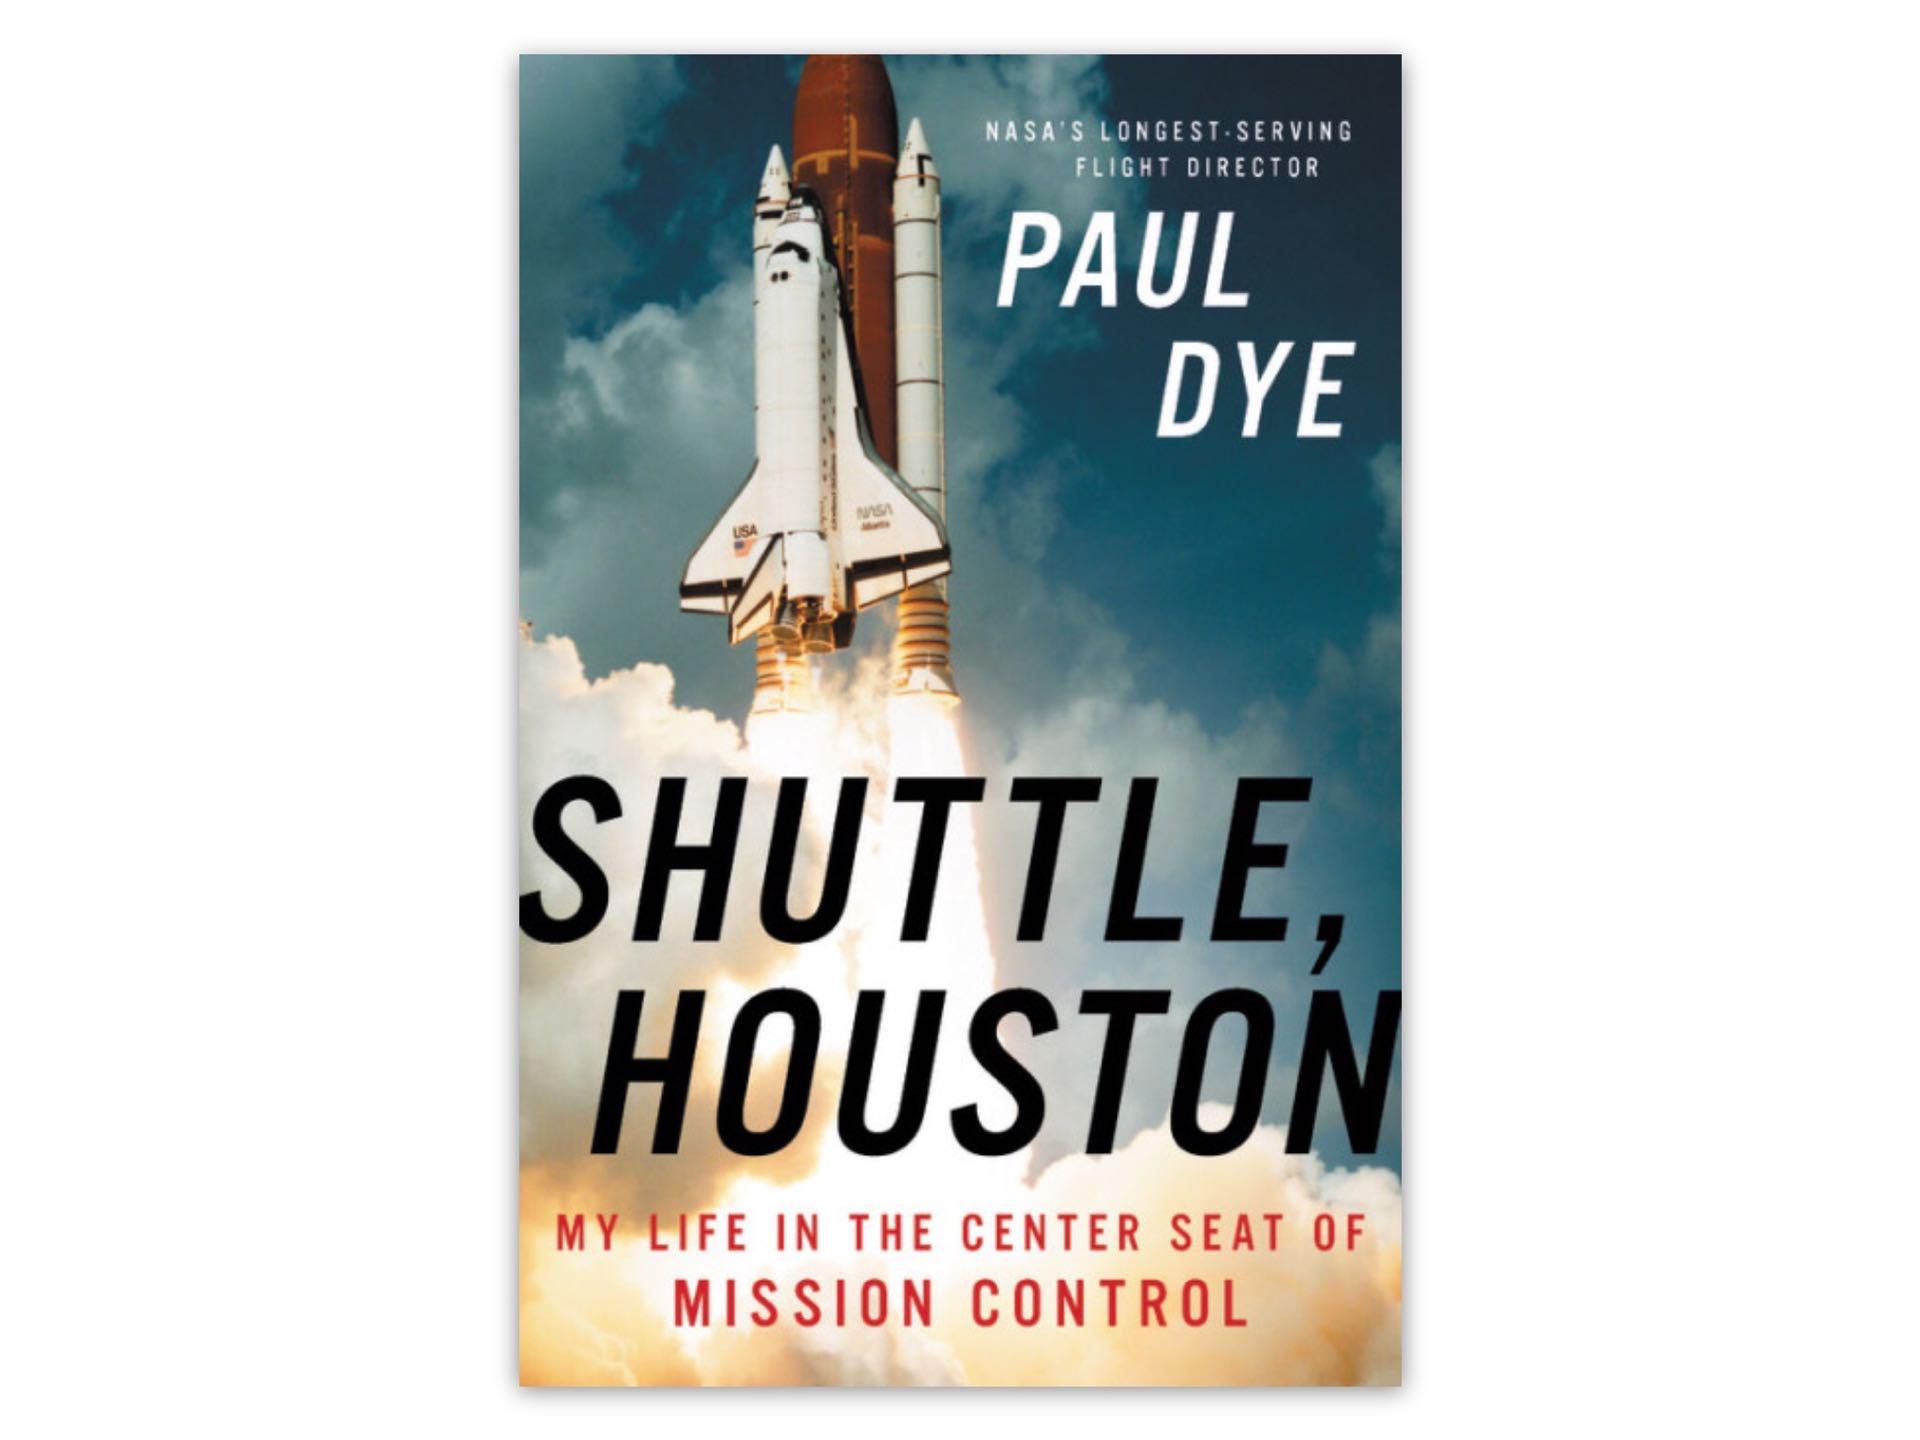 shuttle-houston-by-paul-dye